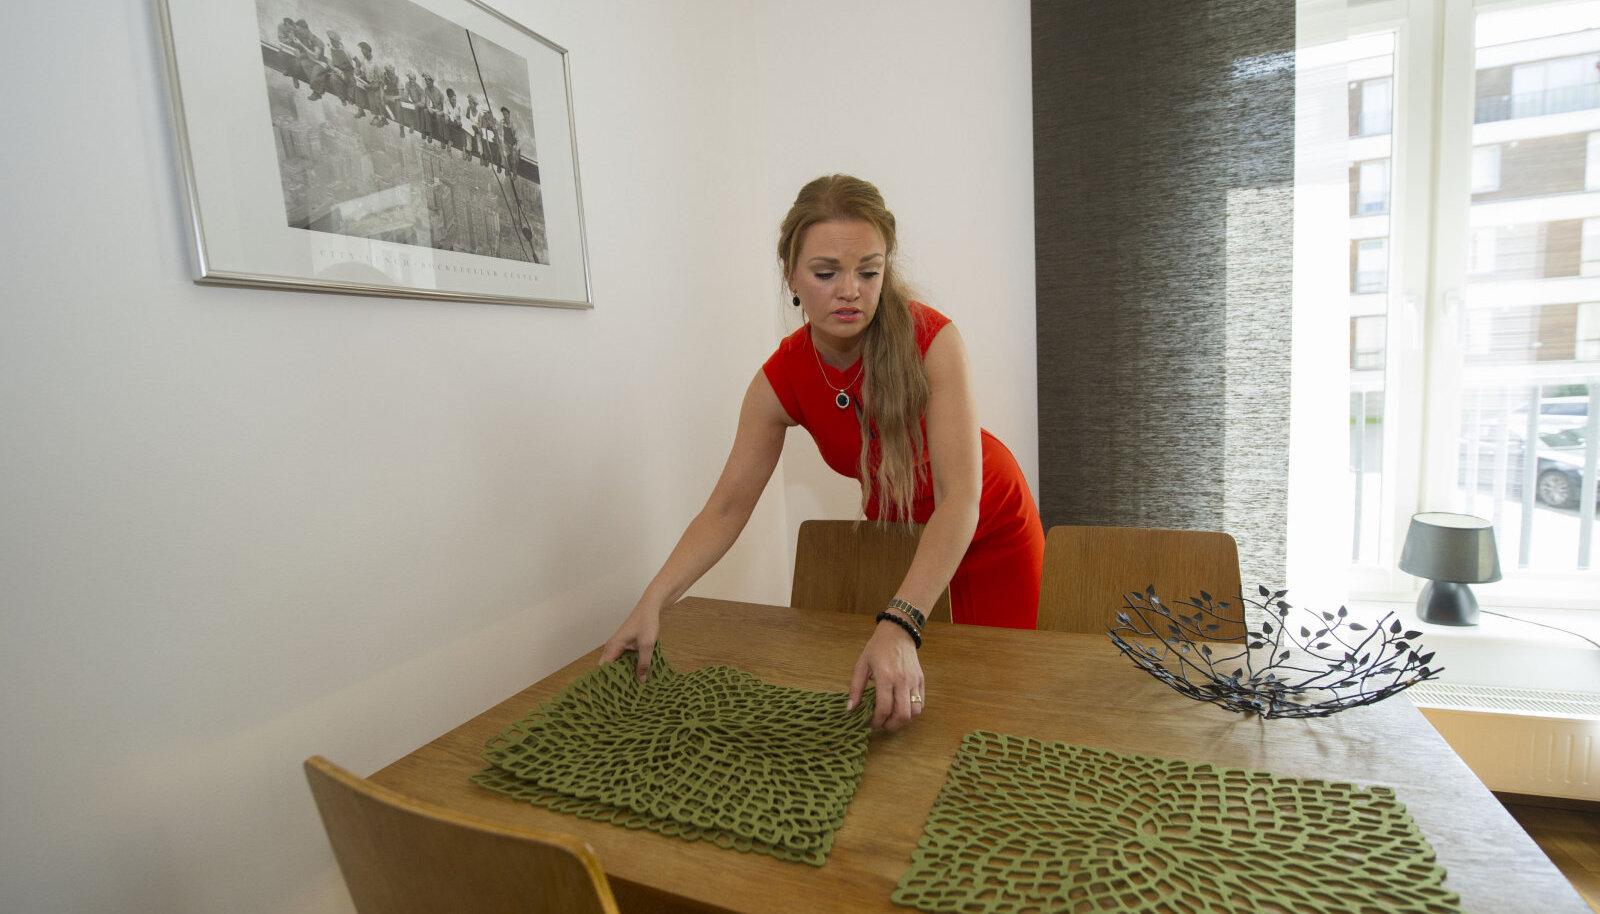 Gerdi Anupõld on home-stager. Tema ülesanne on teha müüdav või üürile pakutav korter selliseks, et see kiiresti uue omaniku või üürniku leiaks.